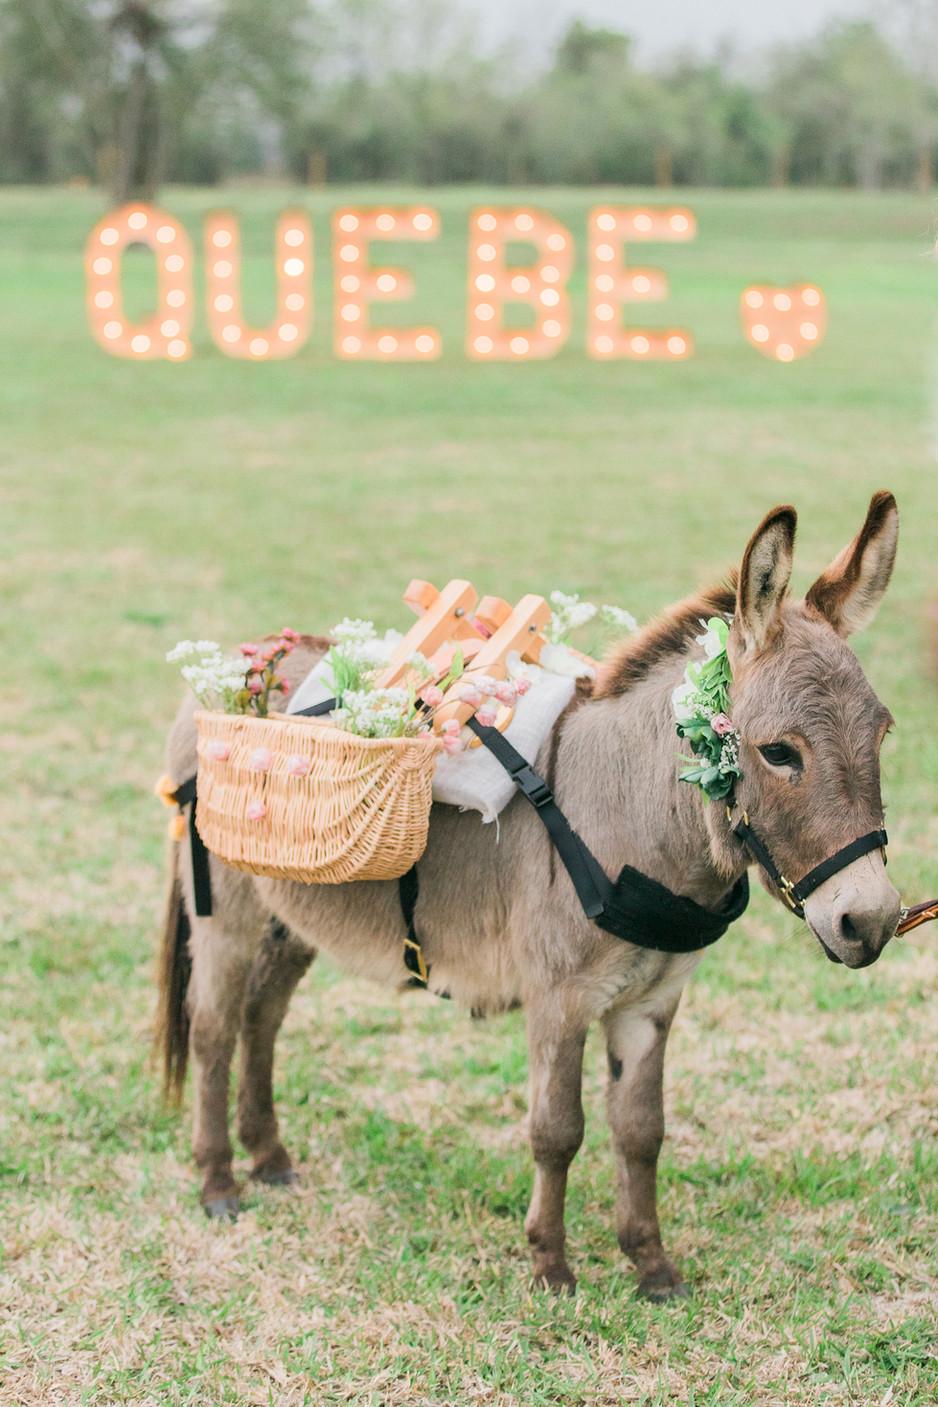 Willie the Shot Donkey